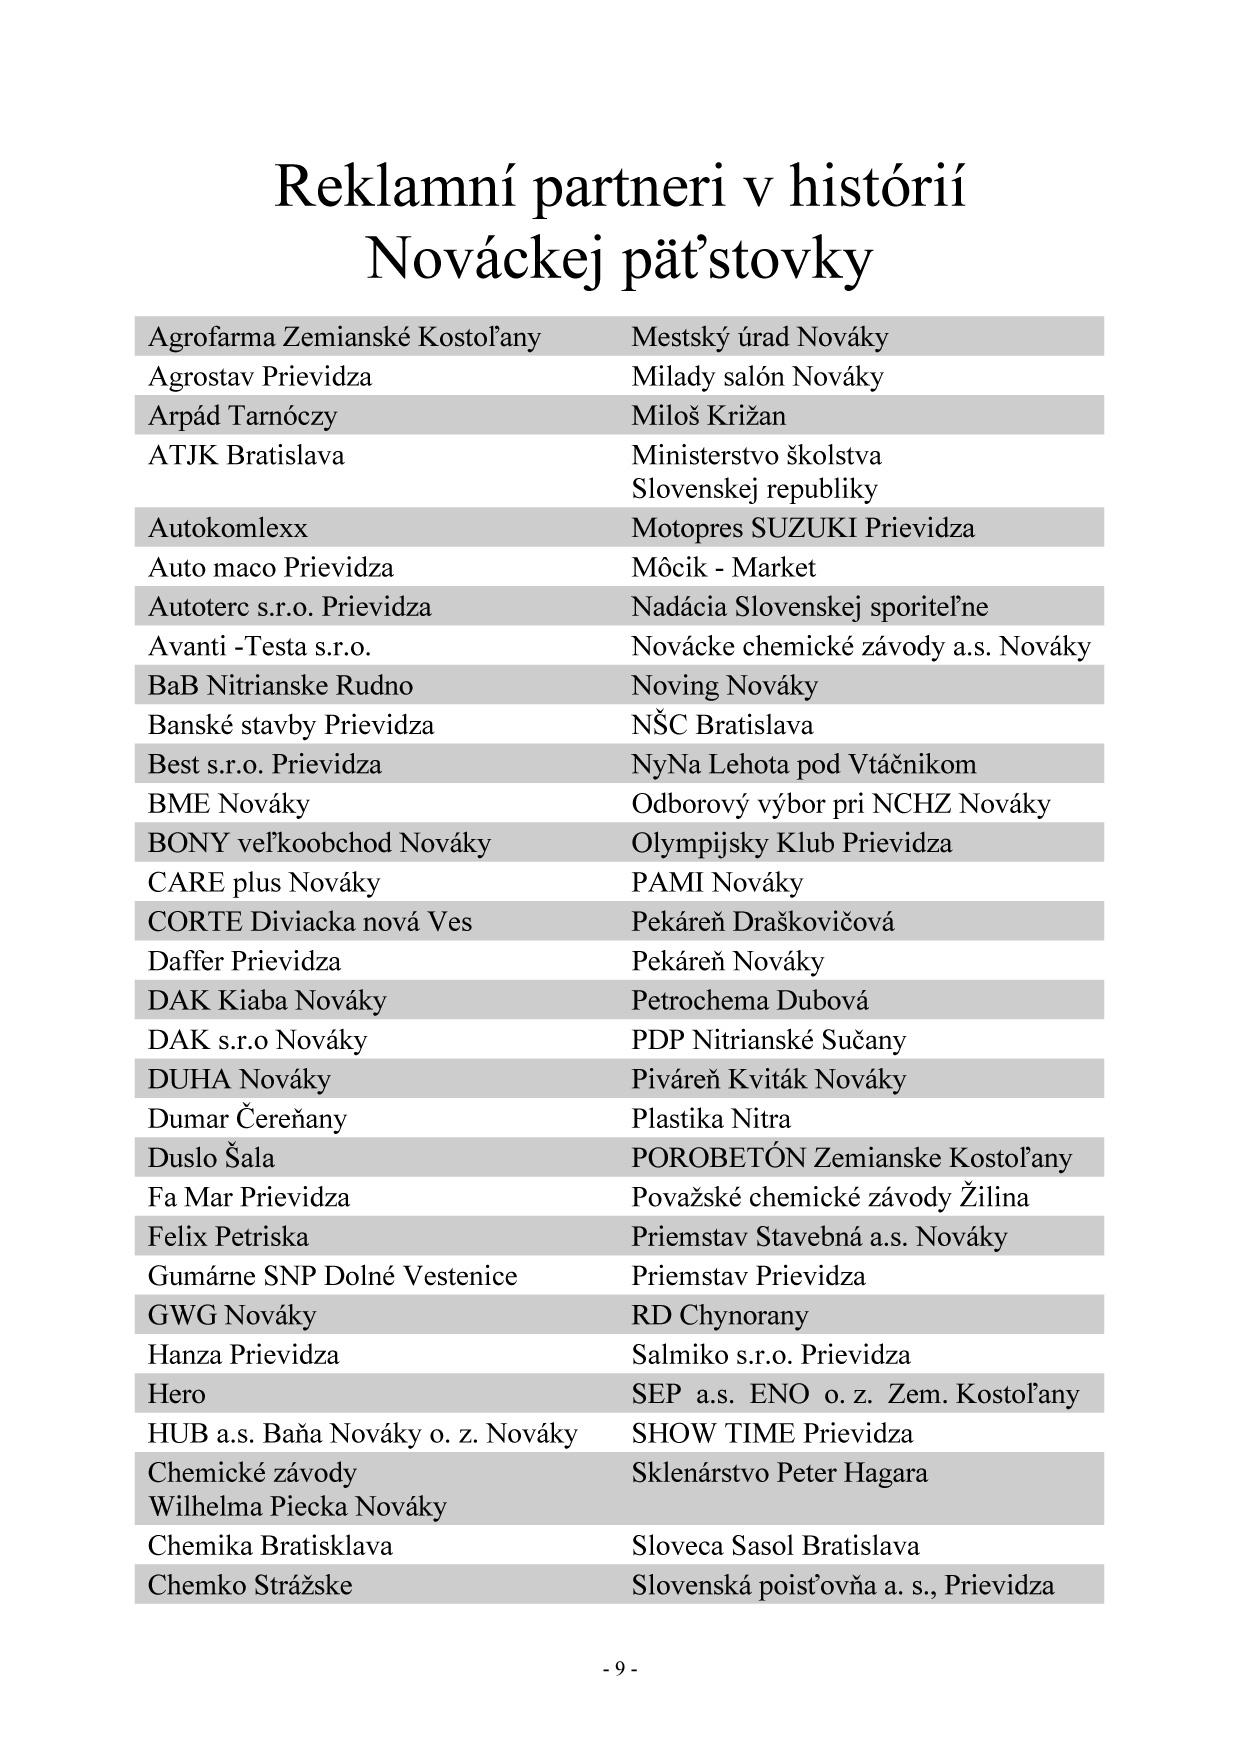 Bulletin pri príležitosti 40. ročník Nováckej päťstovky, strana 14